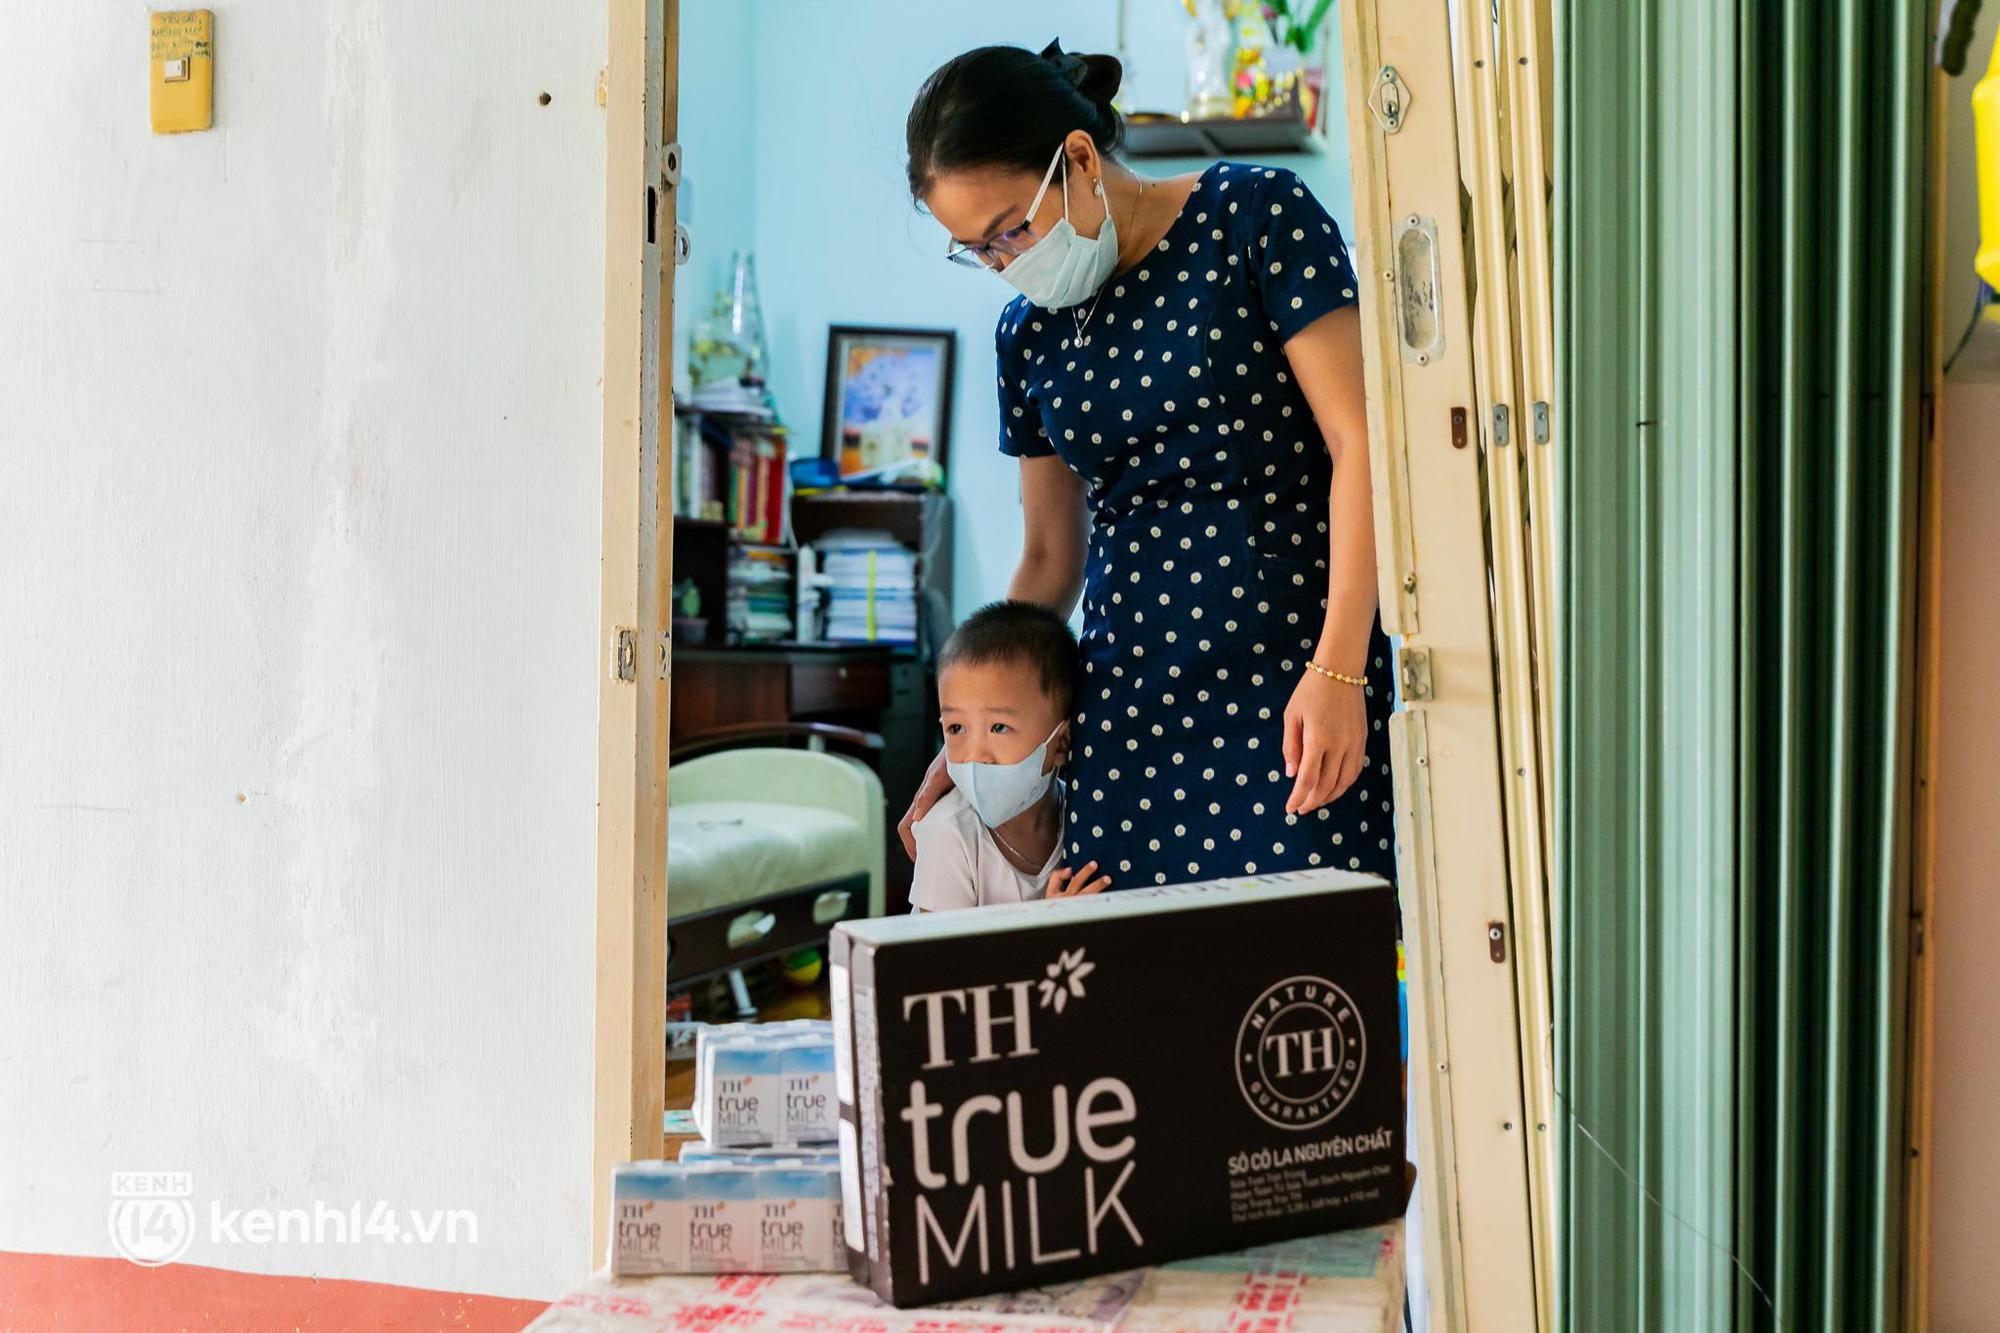 Ấm lòng mùa dịch: Trân quý những ly sữa tươi sạch tiếp sức trẻ nhỏ Sài Gòn - Ảnh 1.